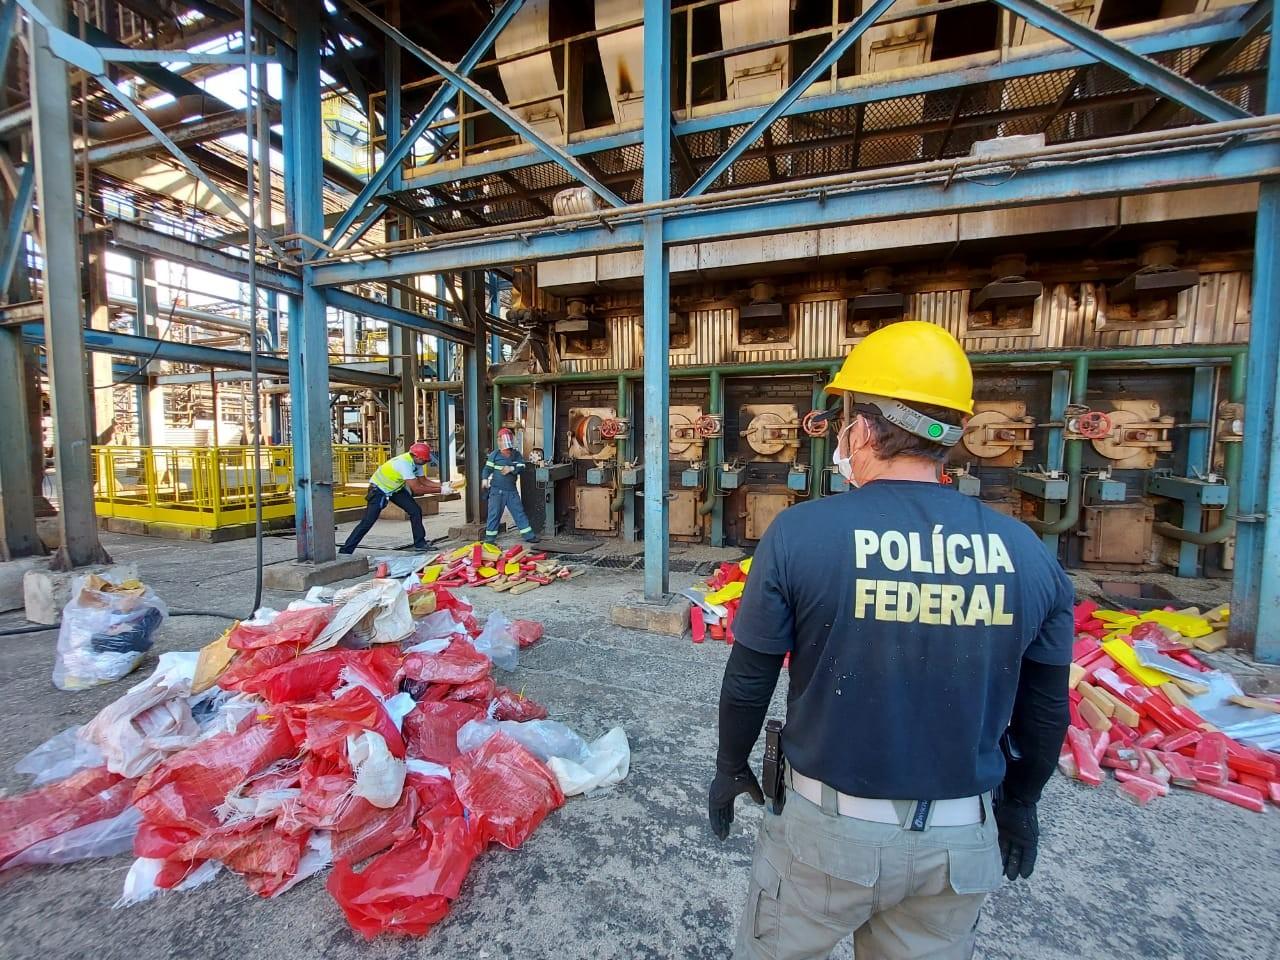 Polícia Federal incinera 1,7 tonelada de maconha e cocaína em Uberaba; veja vídeo